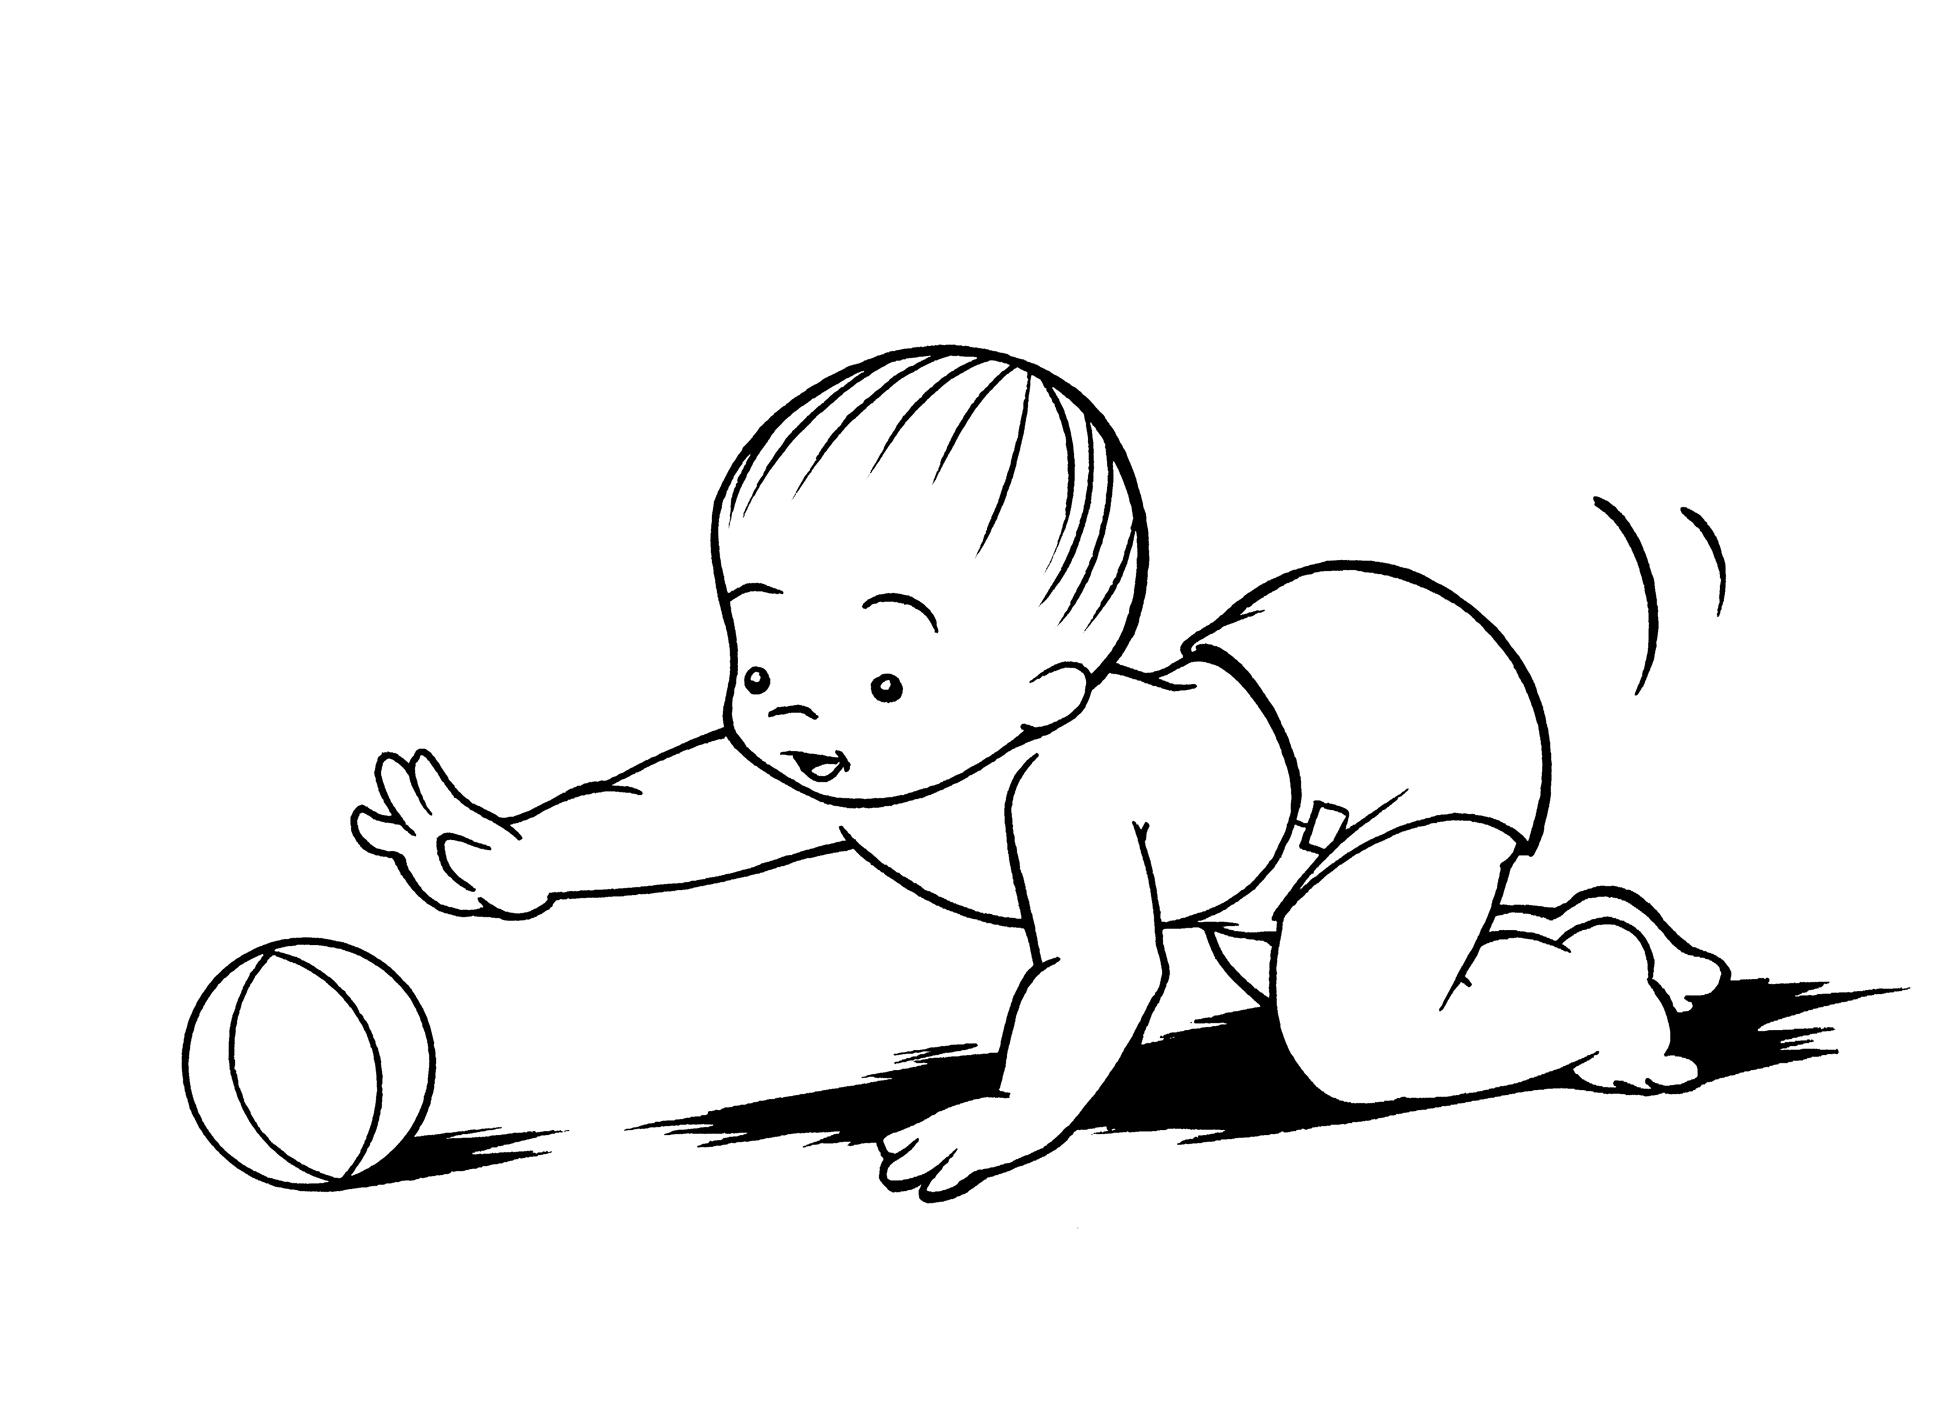 He crawls!